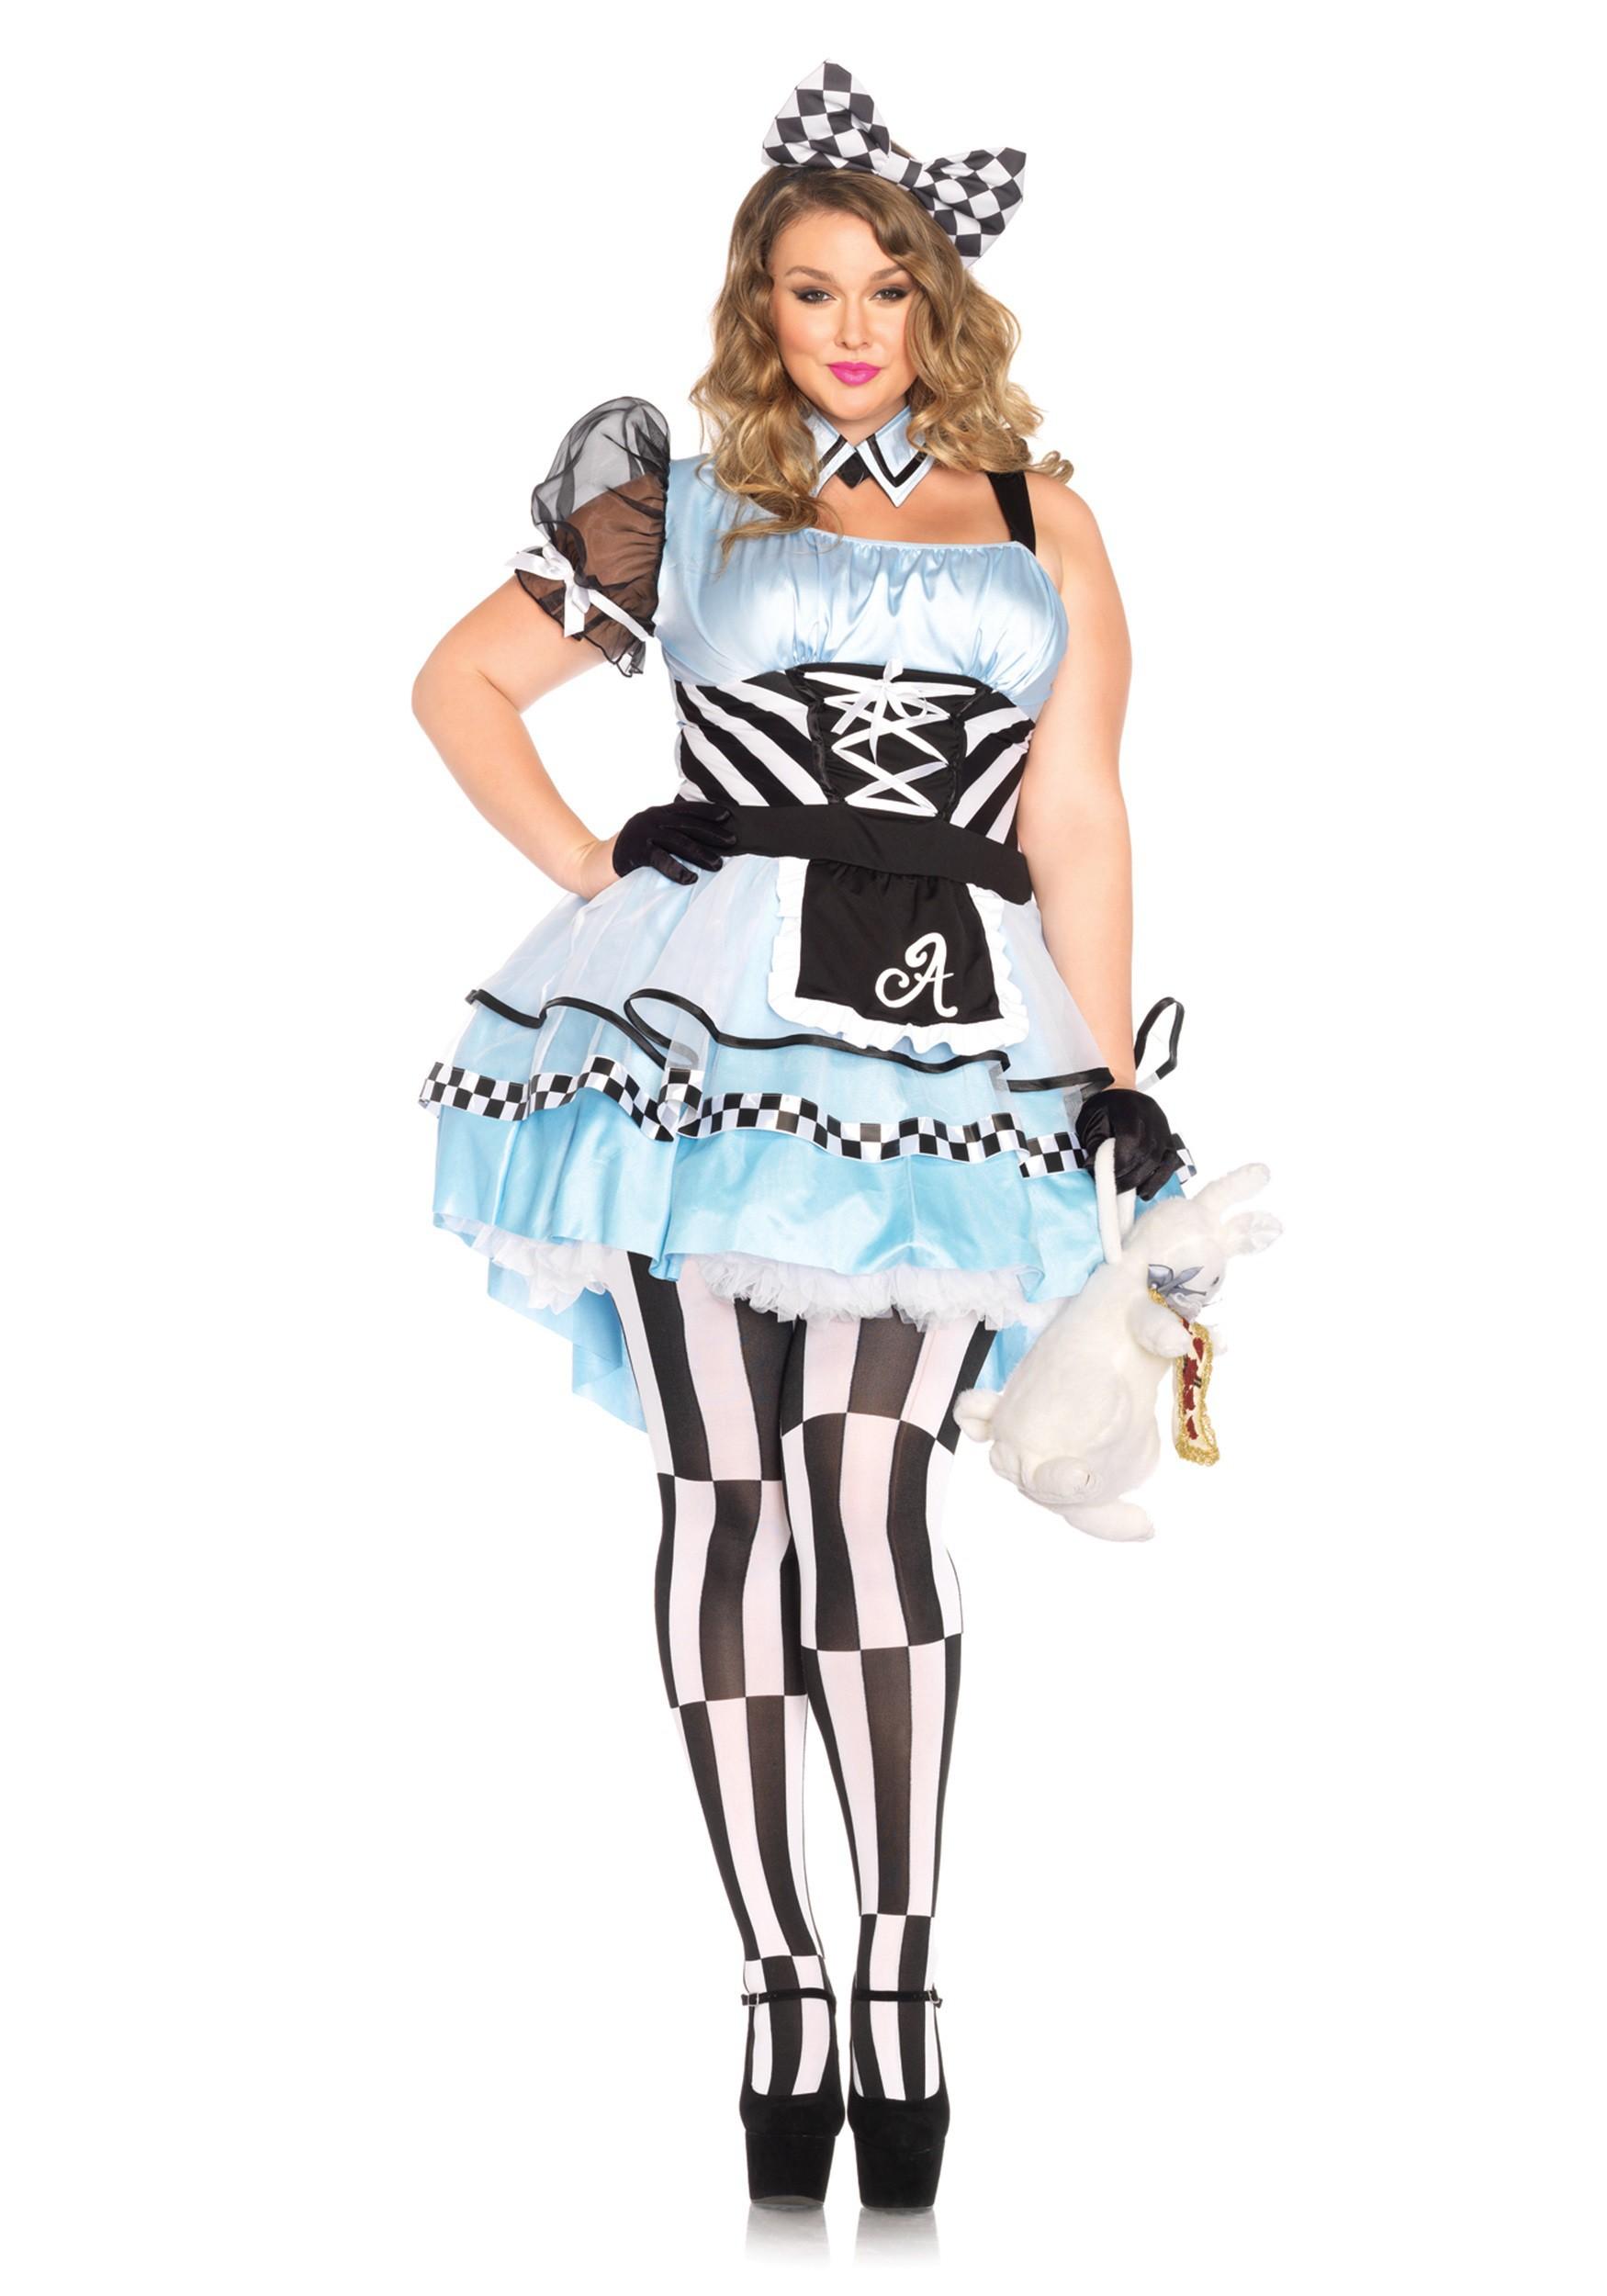 Alice in wonderland halloween costume women-7498